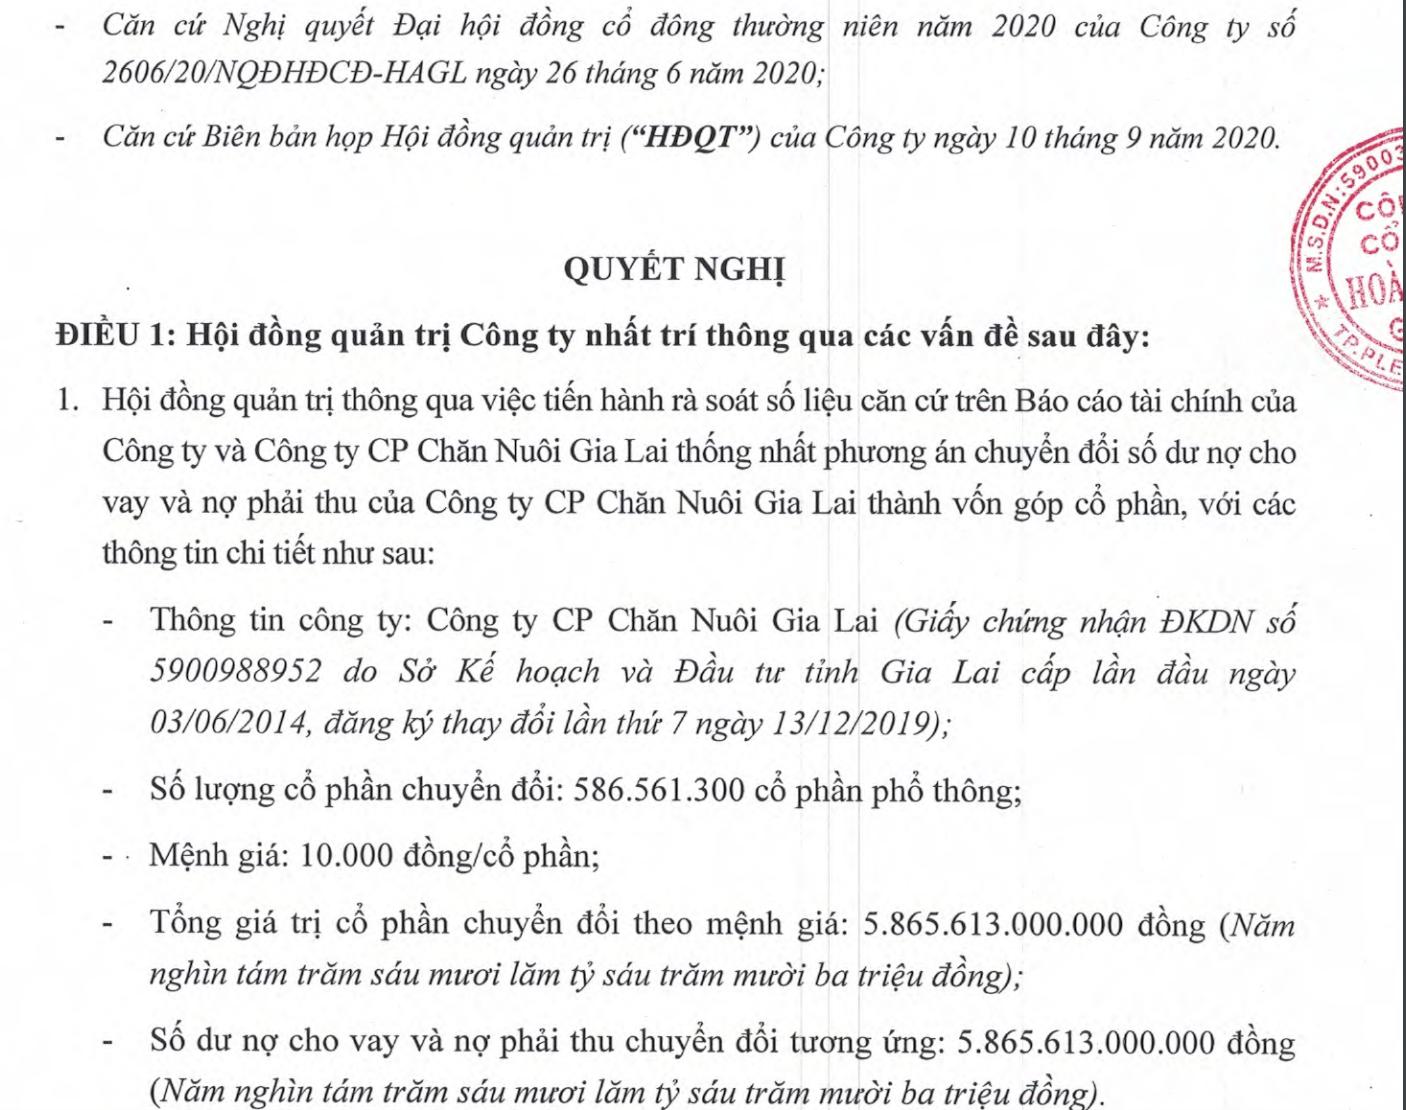 """Chỉ một động thái, bầu Đức """"xoá nợ"""" gần 5.900 tỷ đồng cho một công ty"""